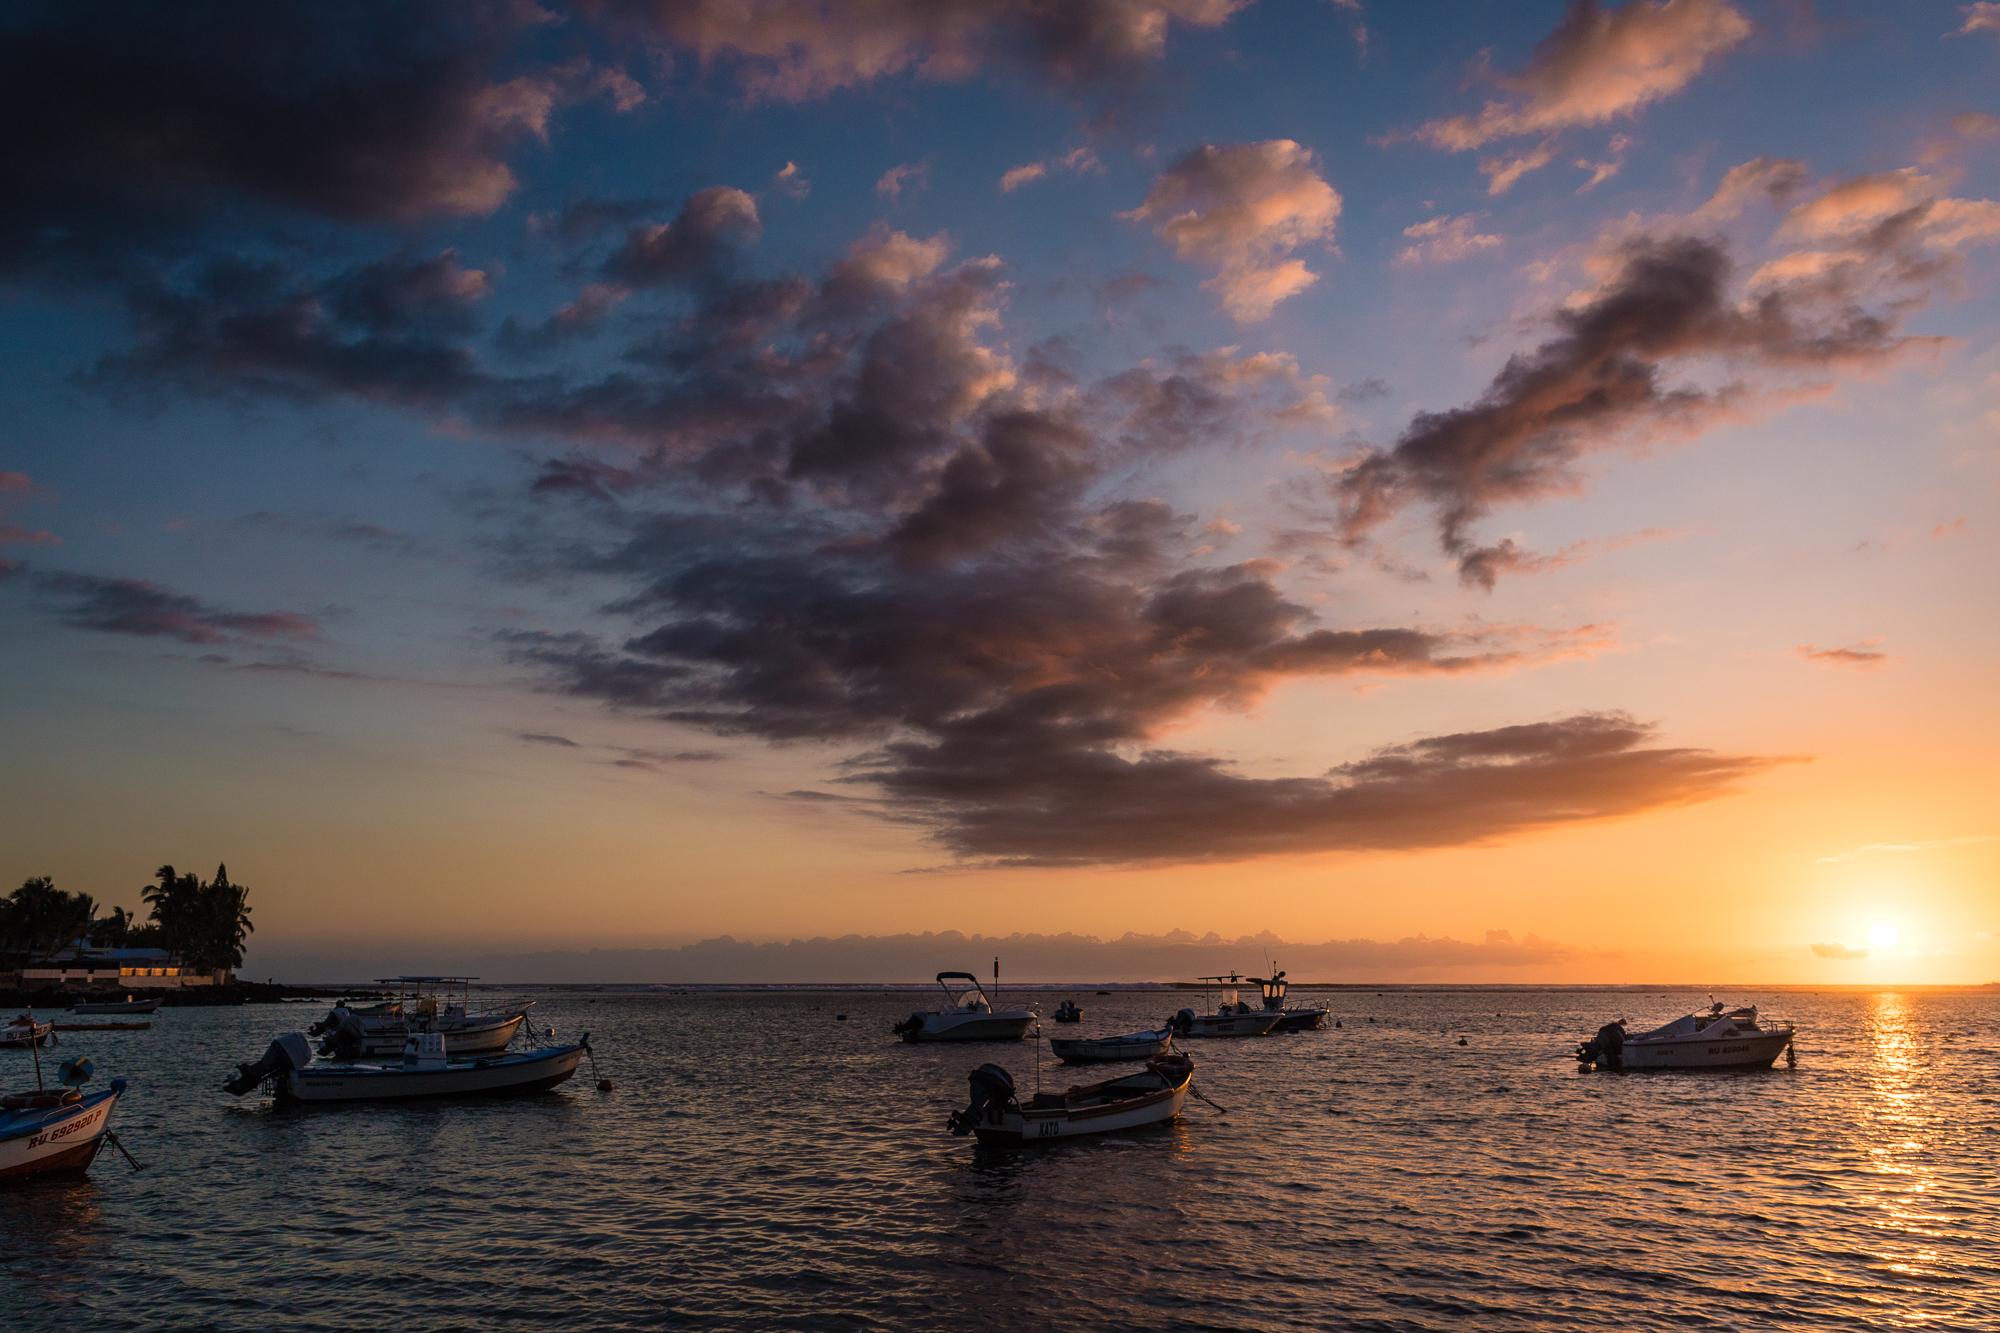 bateaux et couchers de soleil Bassin Pirogue